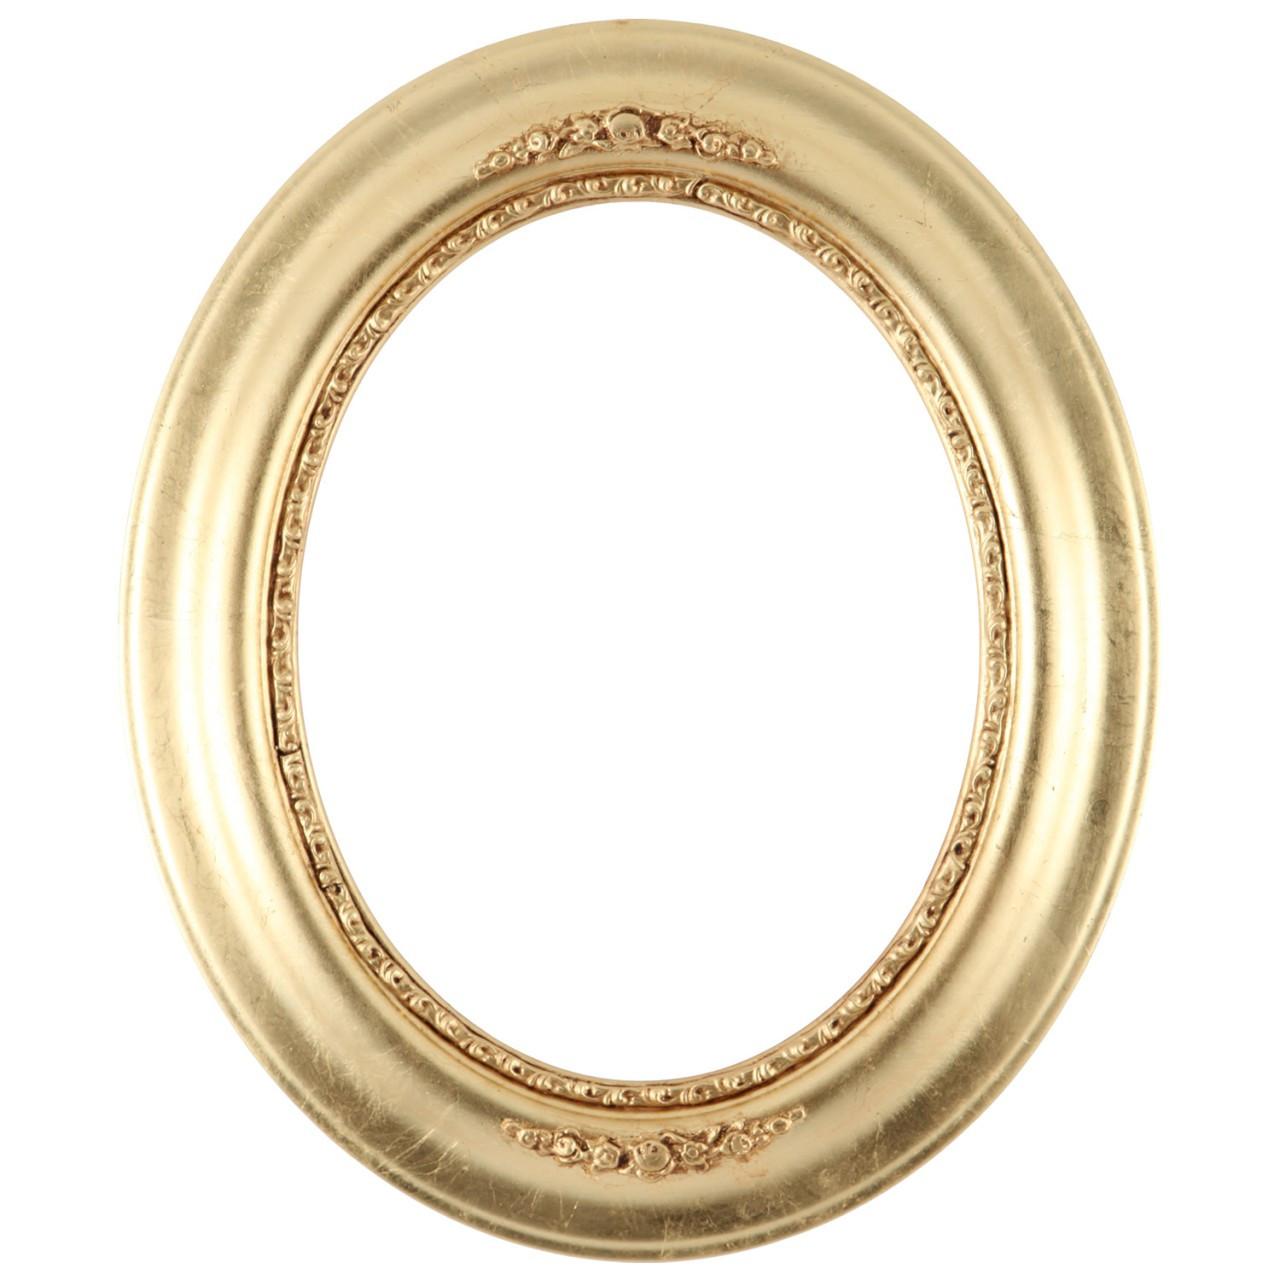 Oval Frame in Gold Leaf Finish Antique Gold Wooden ...